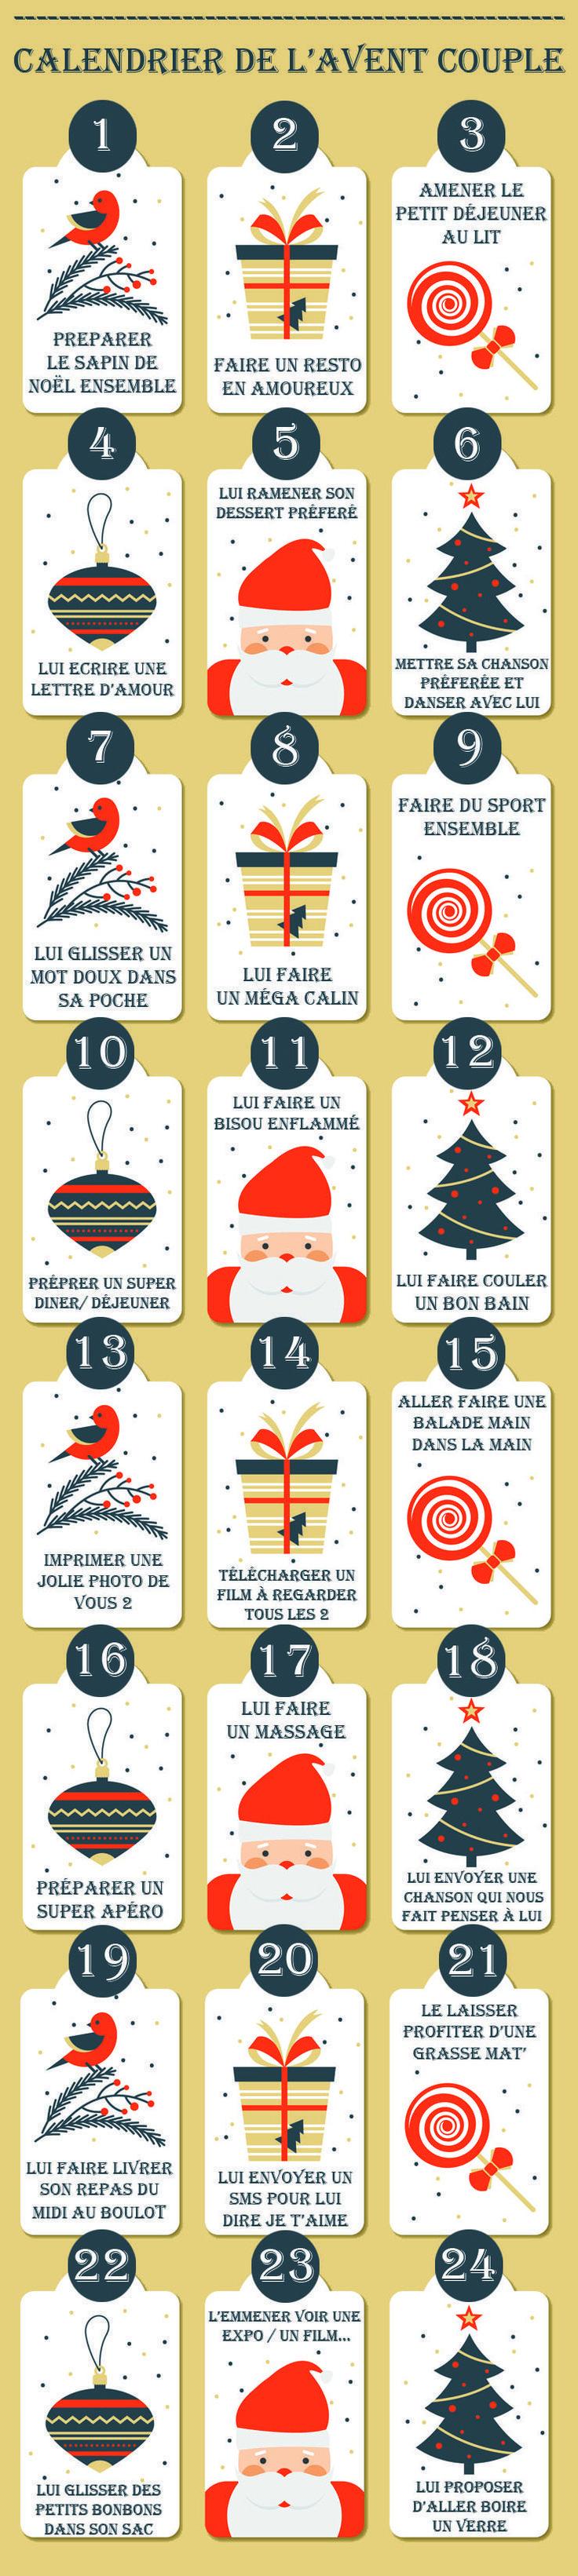 Notre calendrier de lavent familial #calendrierdel#39;avent Notre calendrier de lavent familial #calendrierdel#39;avent